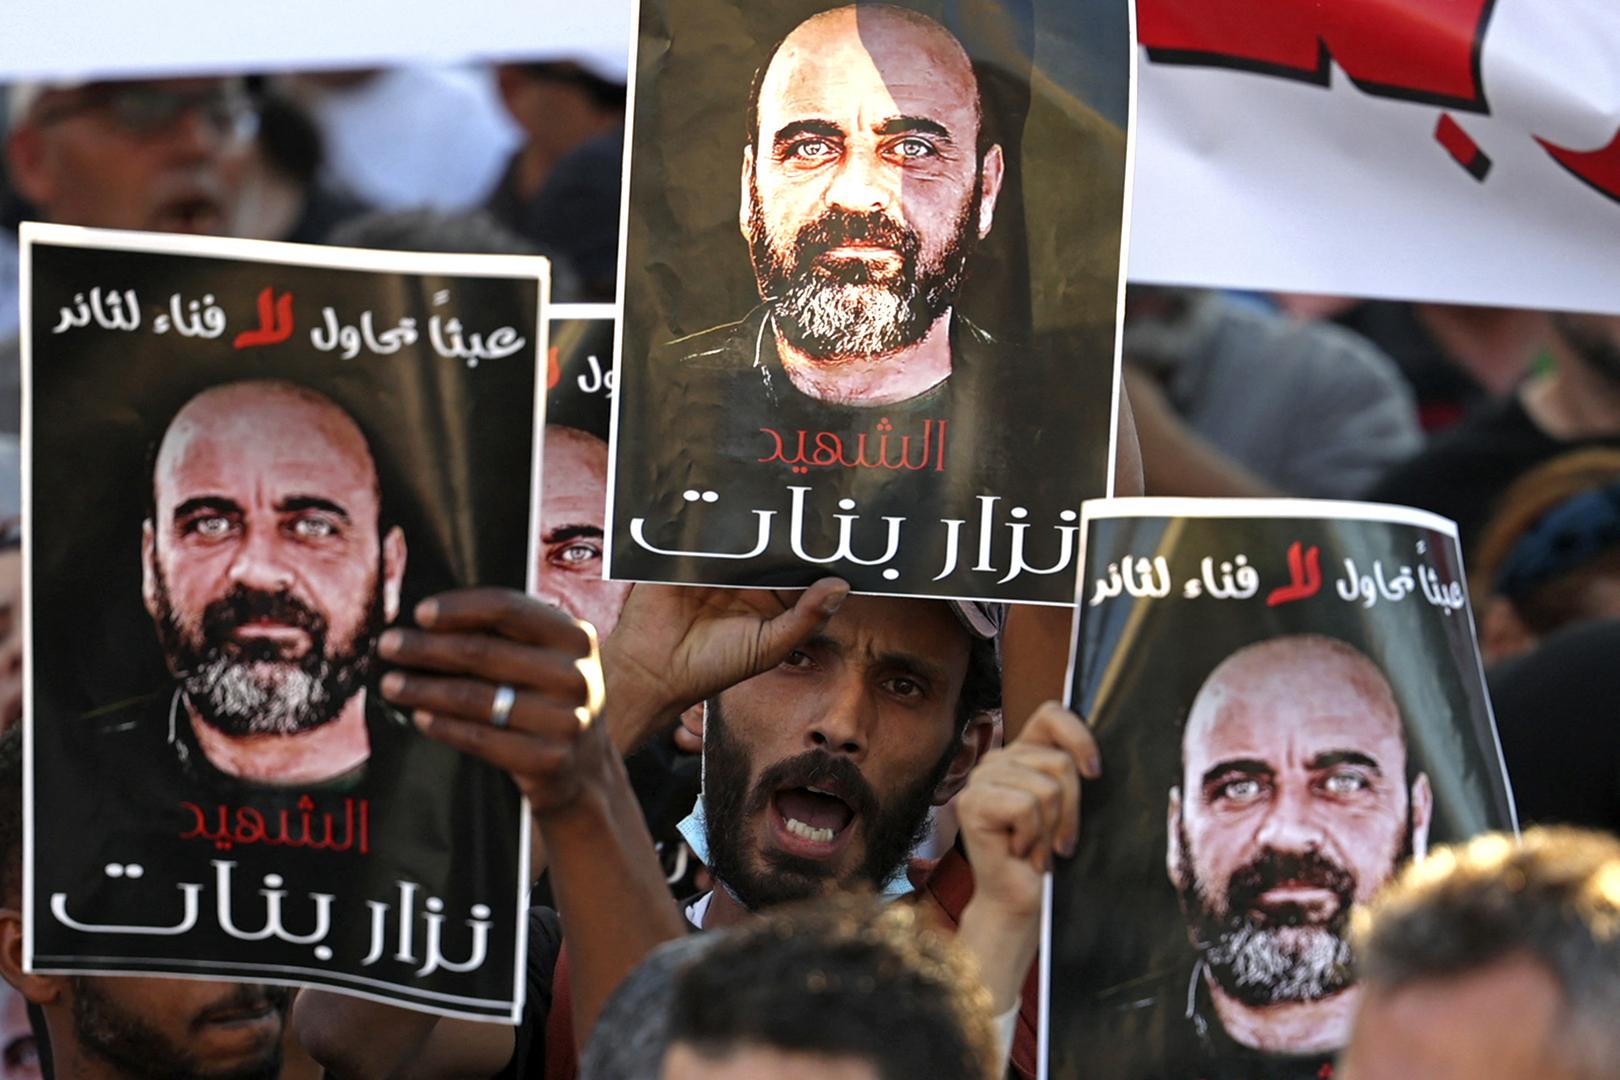 مظاهرات تنديدا لوفاة الناشط الفلسطيني نزار بنات، رام الله، 2 أغسطس 2021